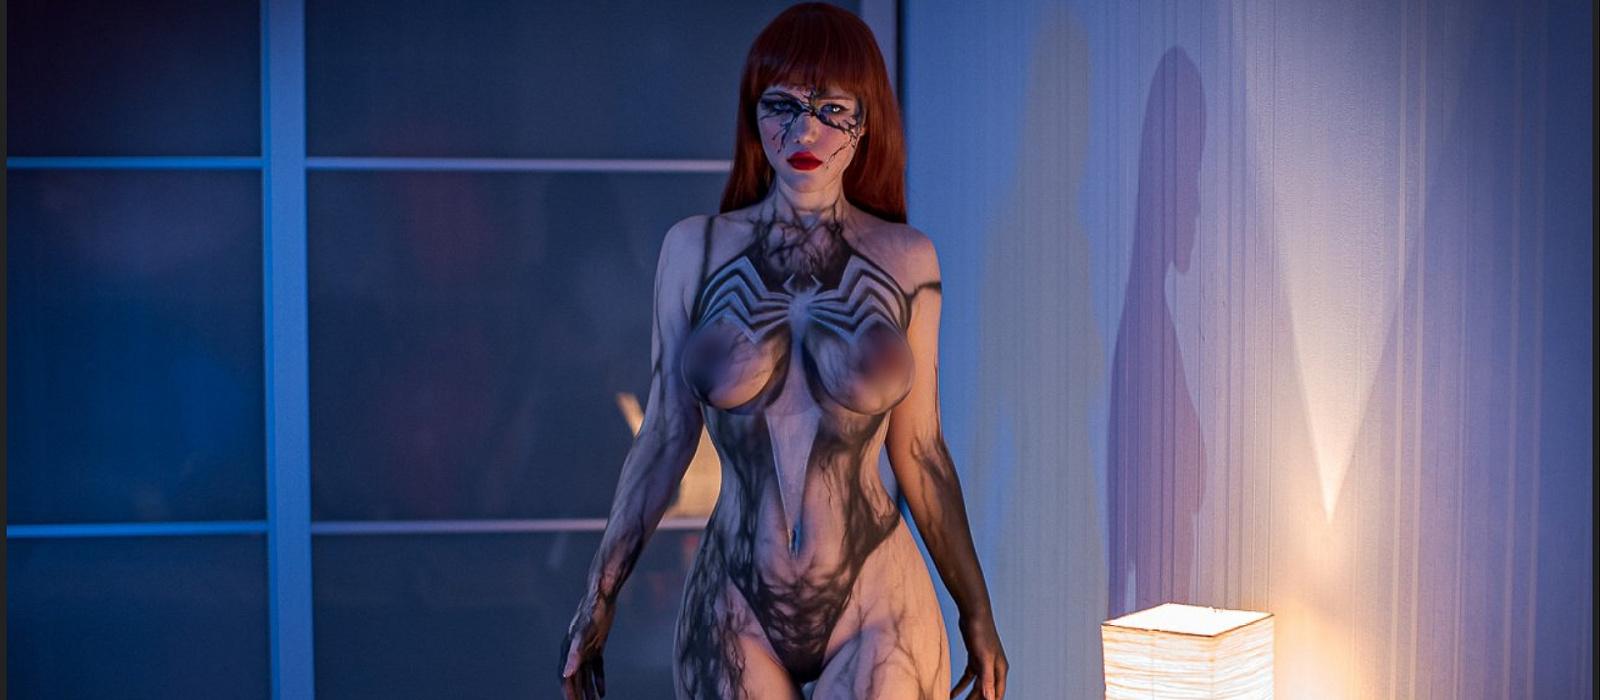 Die Russin Lada Lumos zeigte nacktes Cosplay Mary Jane, besessen von Venom